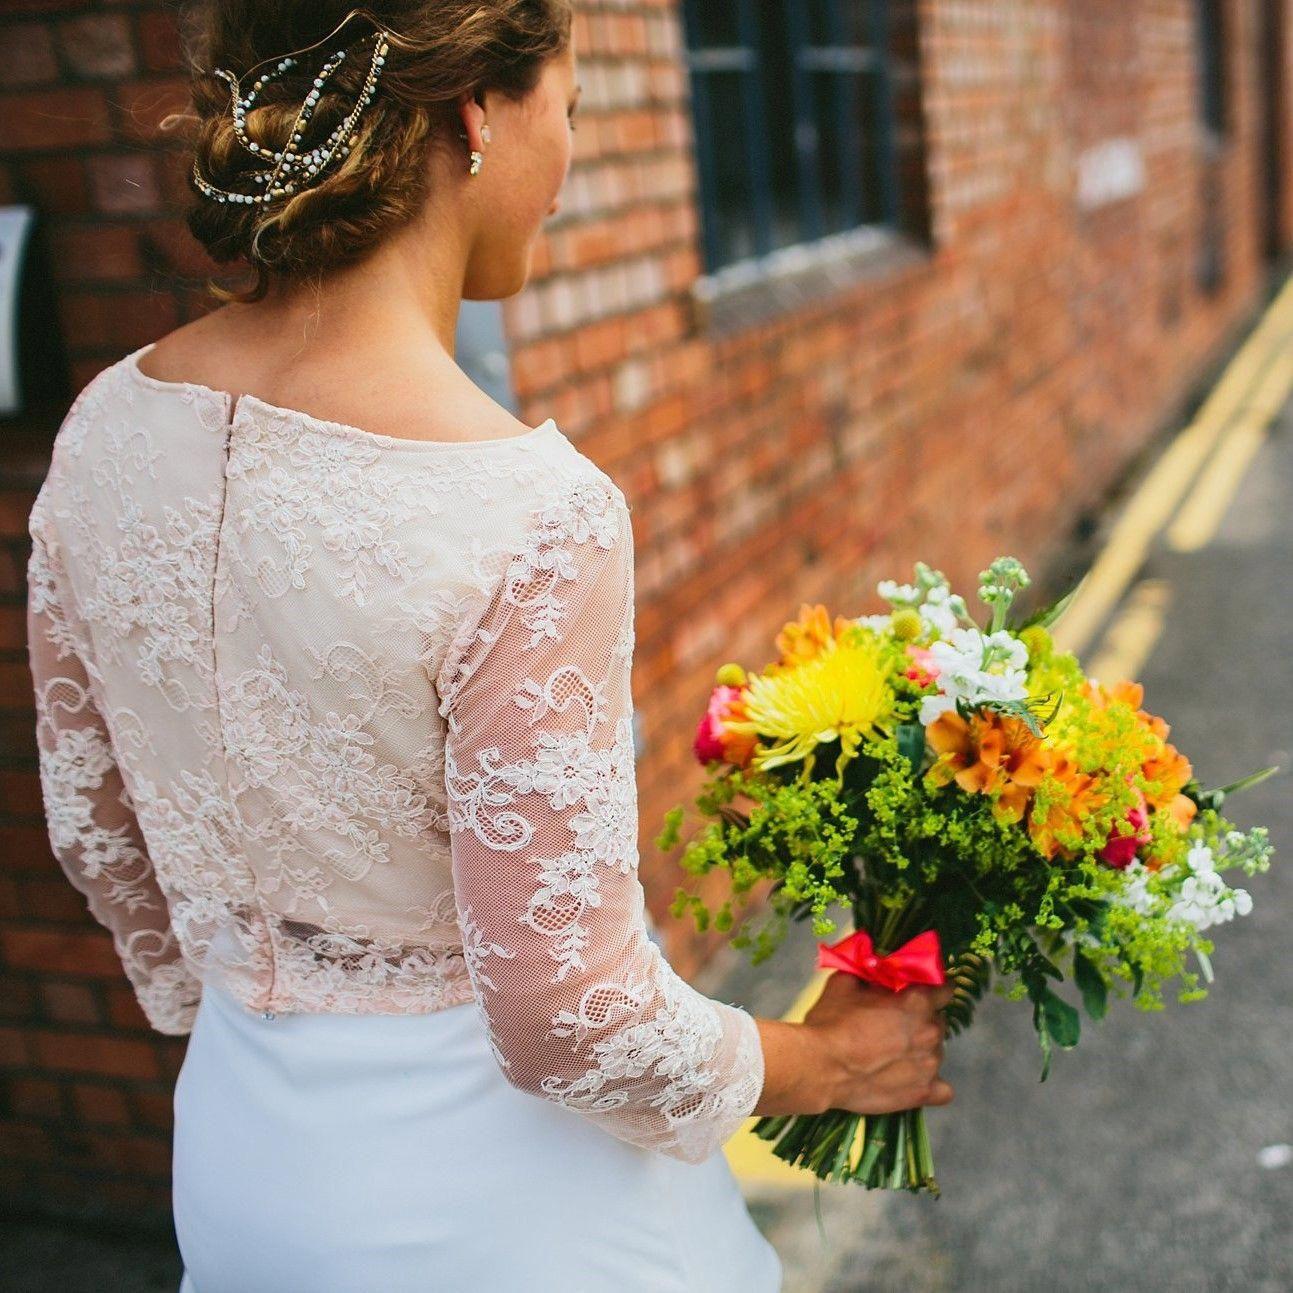 25 Unique Wedding Ideas To Get Inspire: Wedding Cakes Number 4b35696ea0c3fbd25b992677f2af0b5b